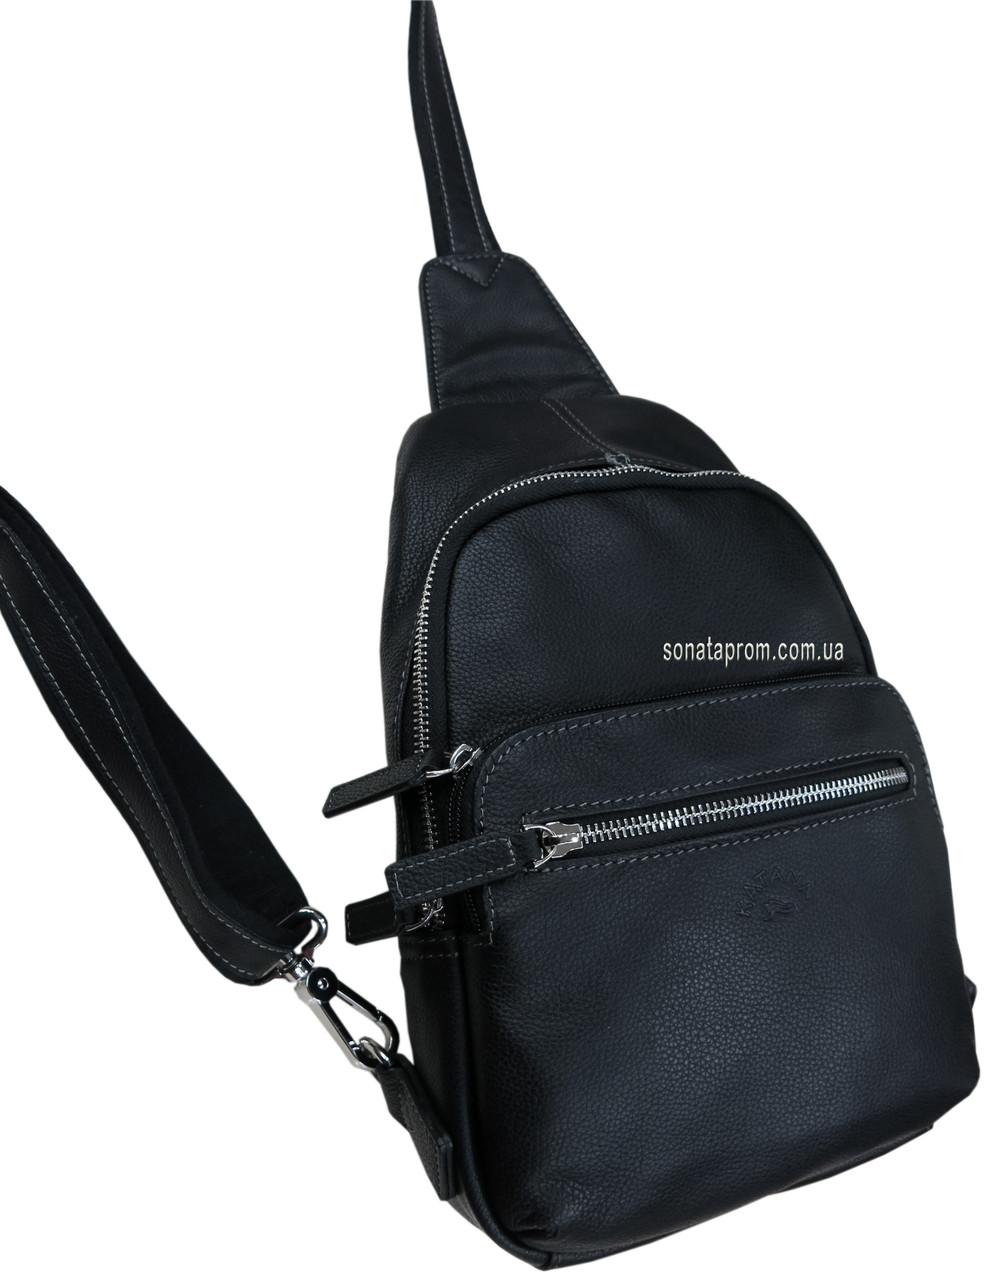 af9e7922f4cd Небольшая кожаная сумка рюкзак через плечо Katana, цена 1 700,10 грн ...